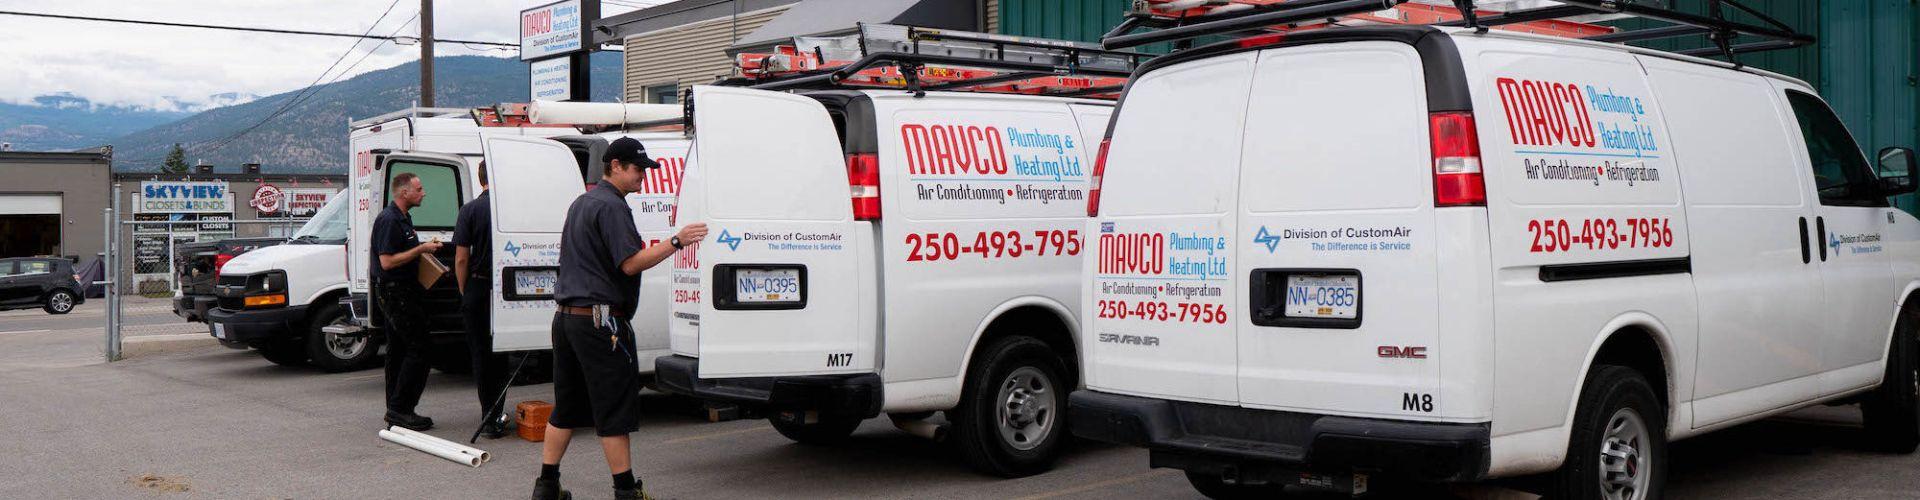 penticton plumbing company